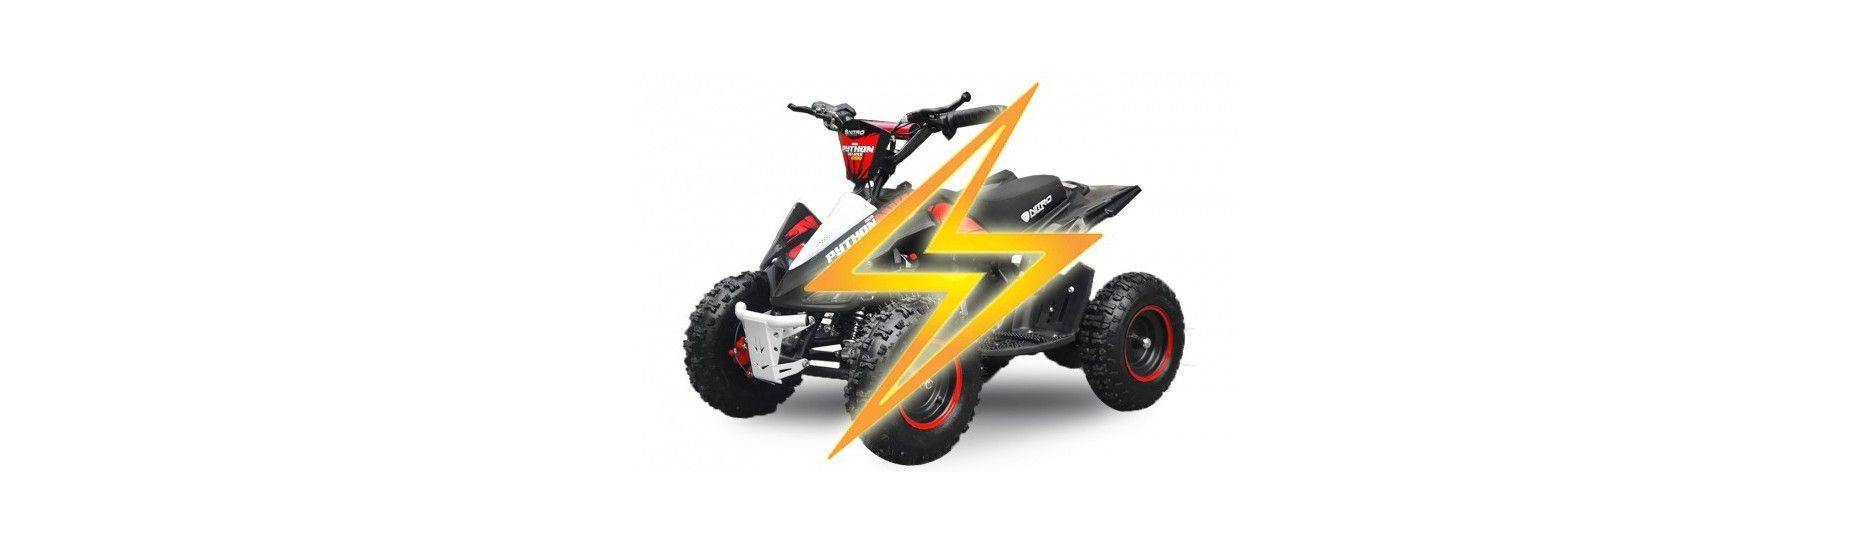 Elektro ATV